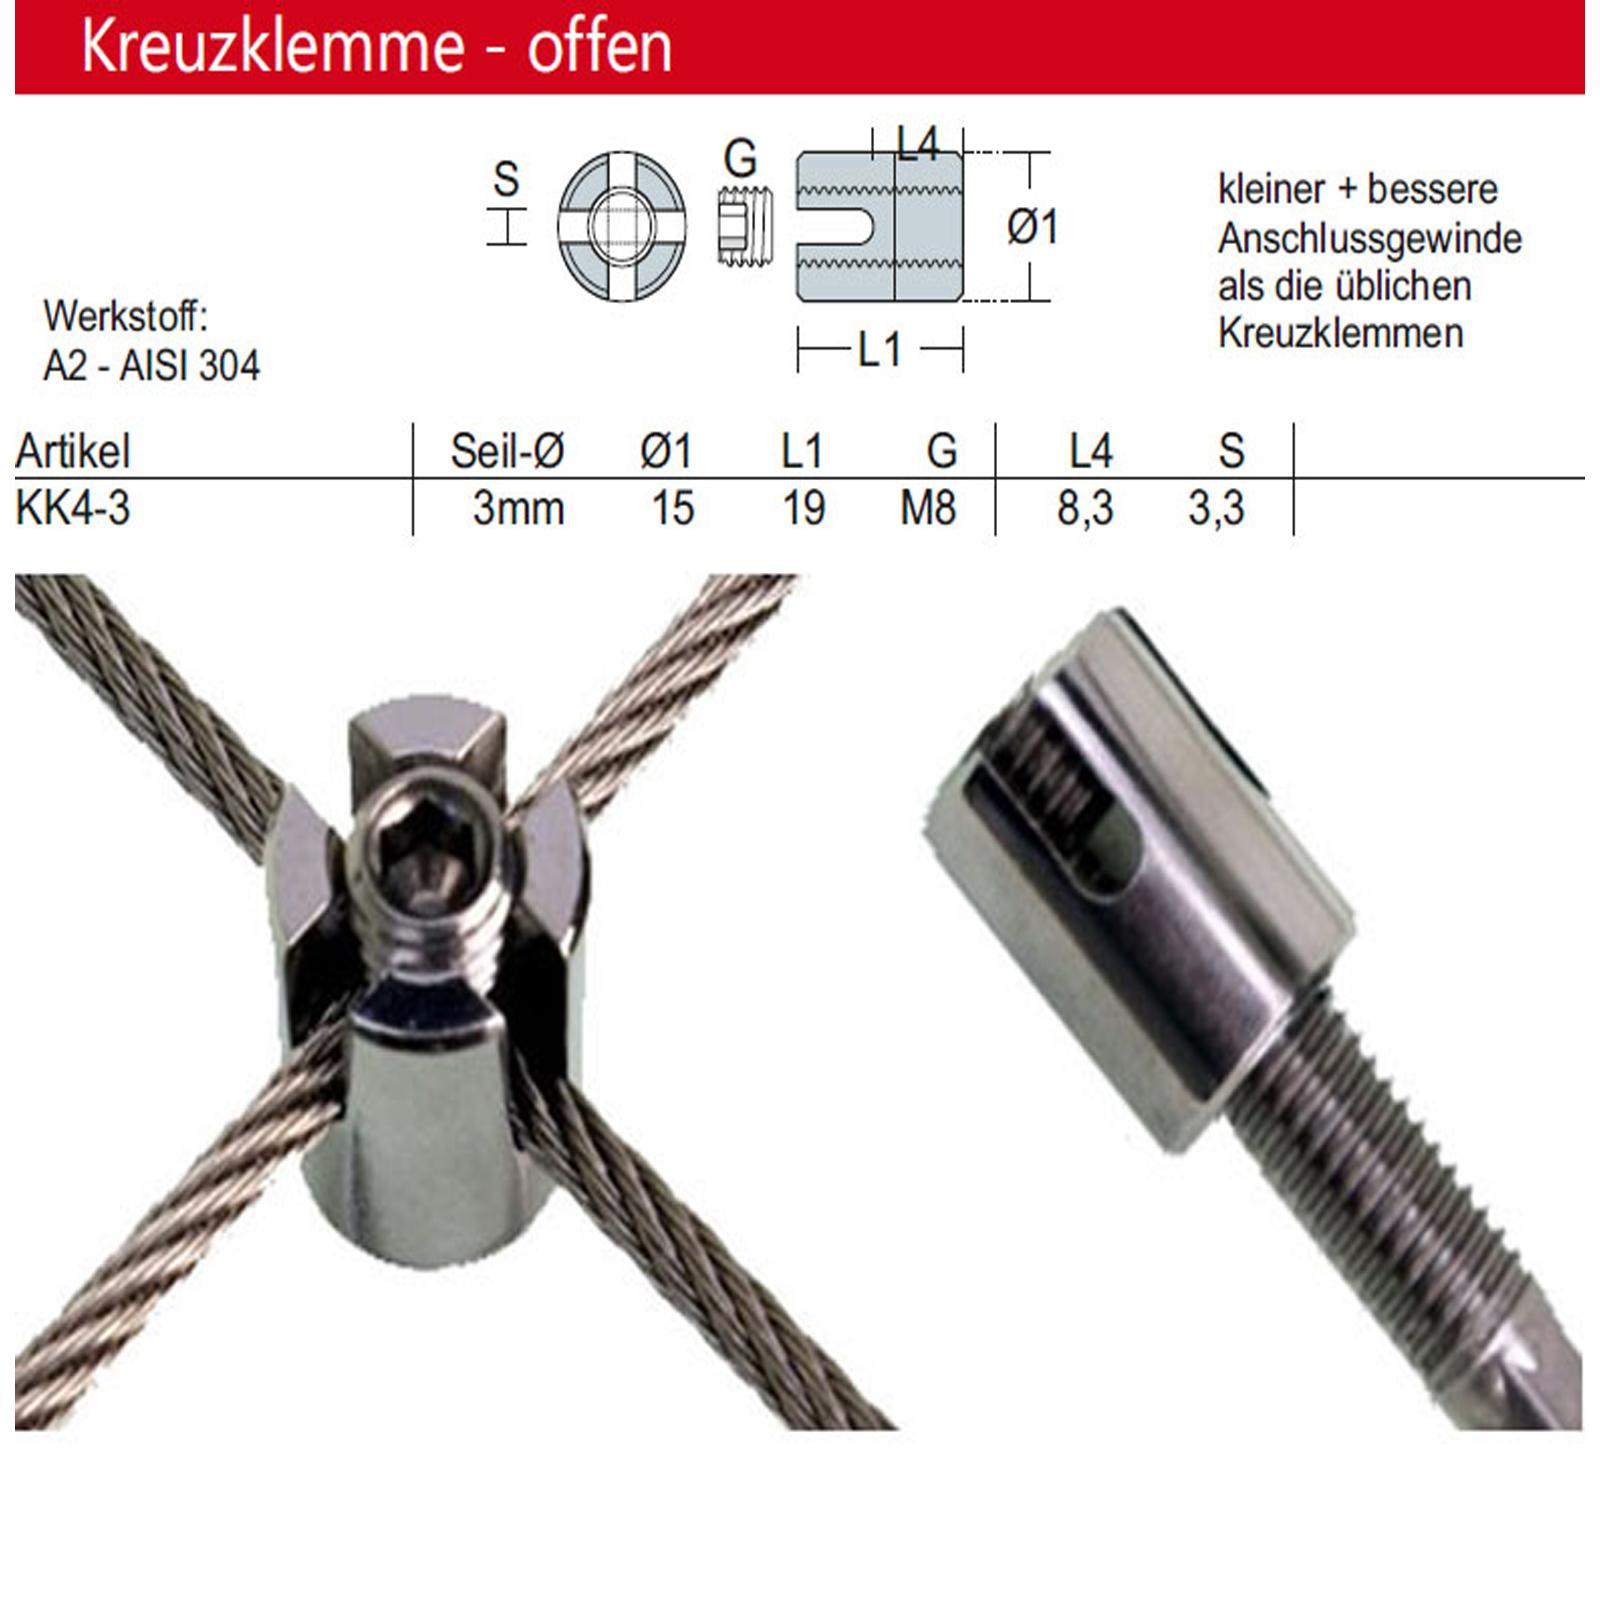 Ungewöhnlich Magnetdraht Zugsystem Ideen - Elektrische Schaltplan ...